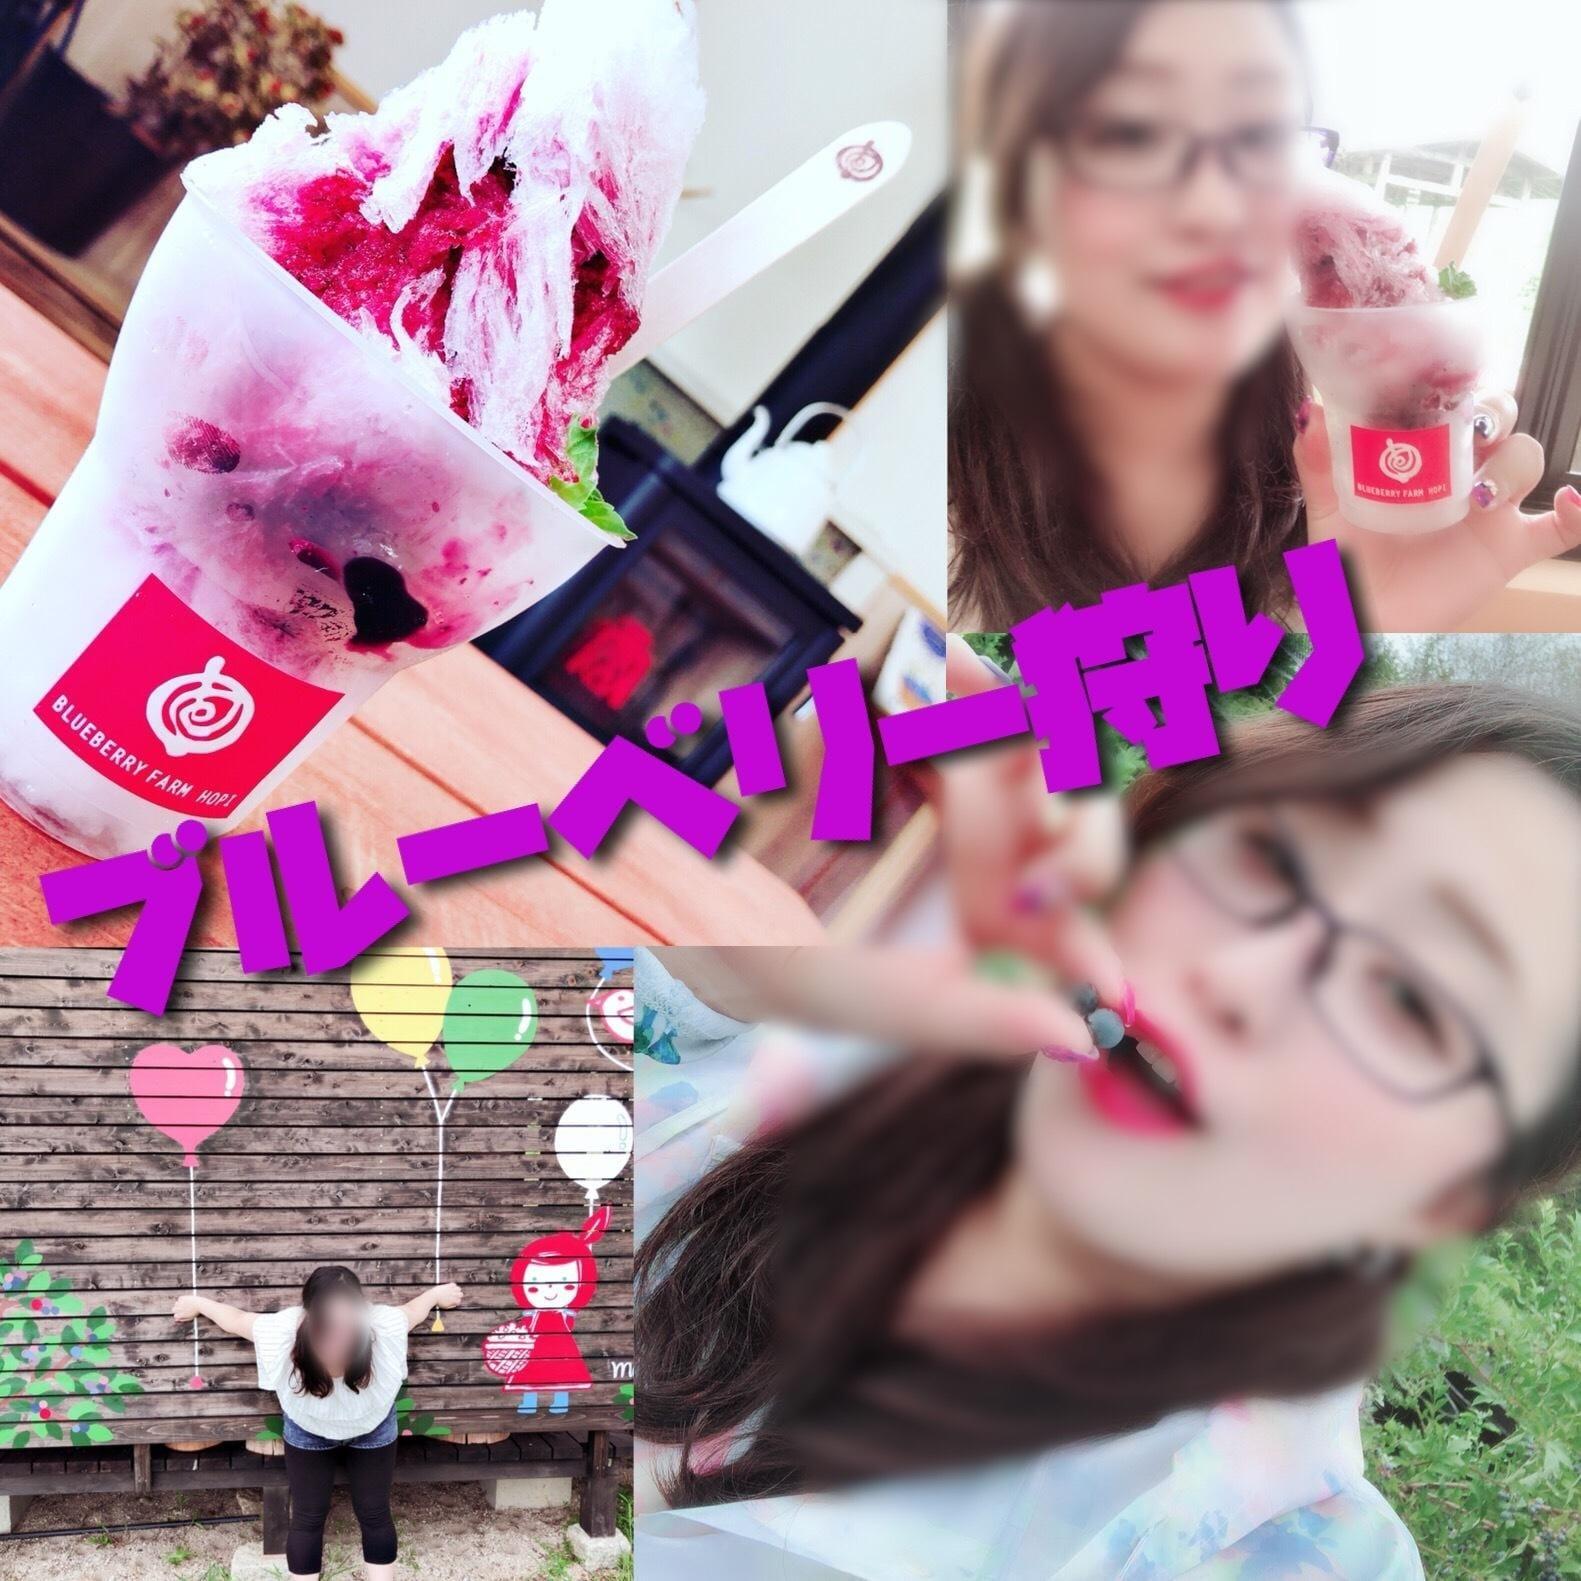 まみ「ぷら日記?ブルーベリー?」08/18(土) 15:30 | まみの写メ・風俗動画